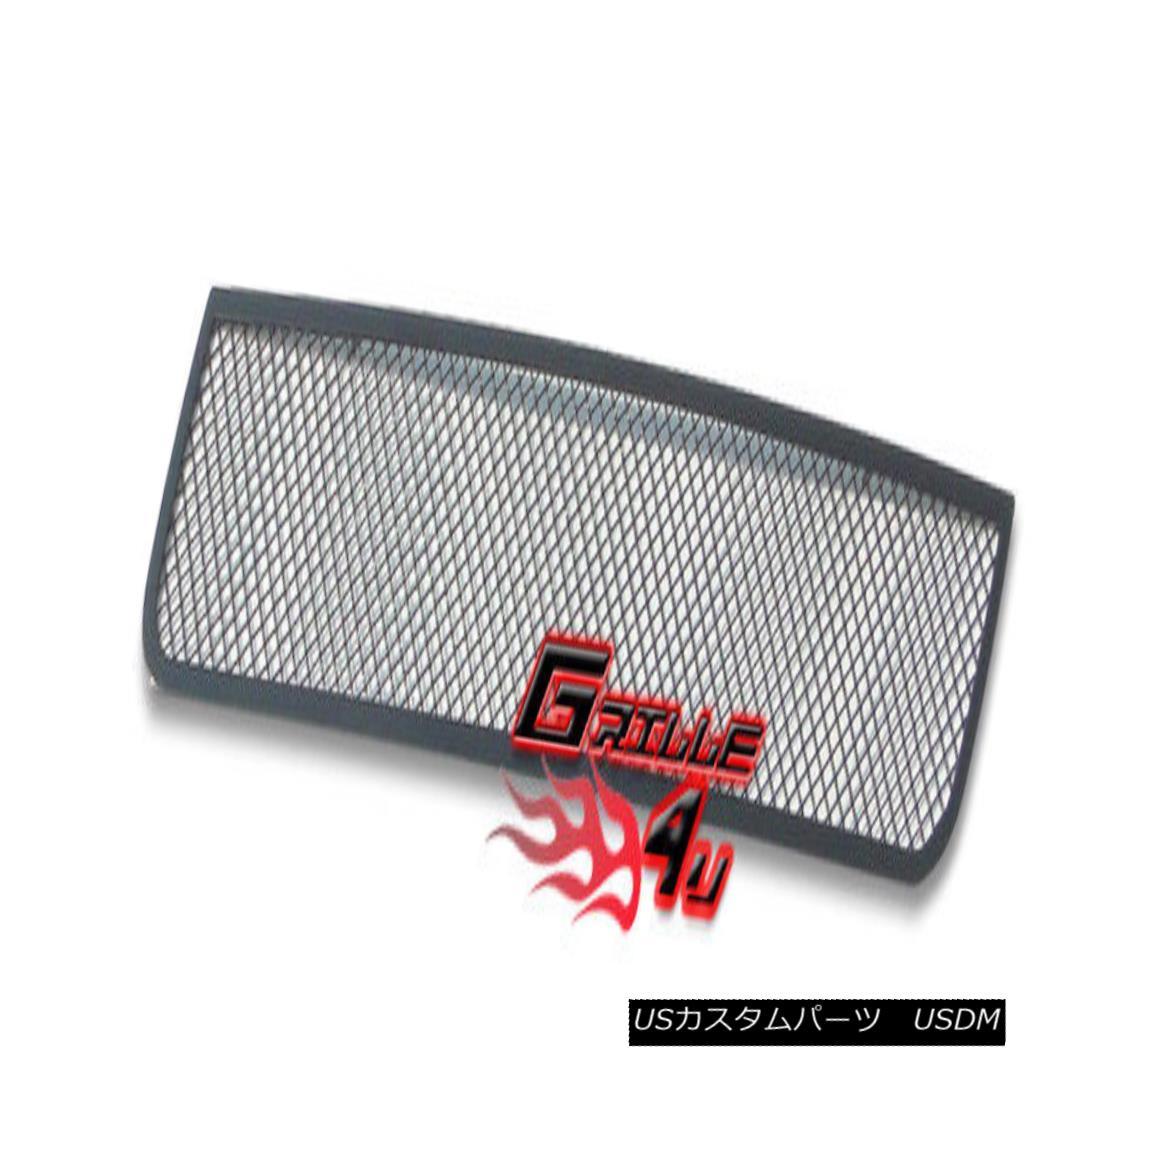 グリル For 03-04 Lincoln Navigator Bumper Black Mesh Premium Grille Insert 03-04リンカーンナビゲーターバンパーブラックメッシュプレミアムグリルインサート